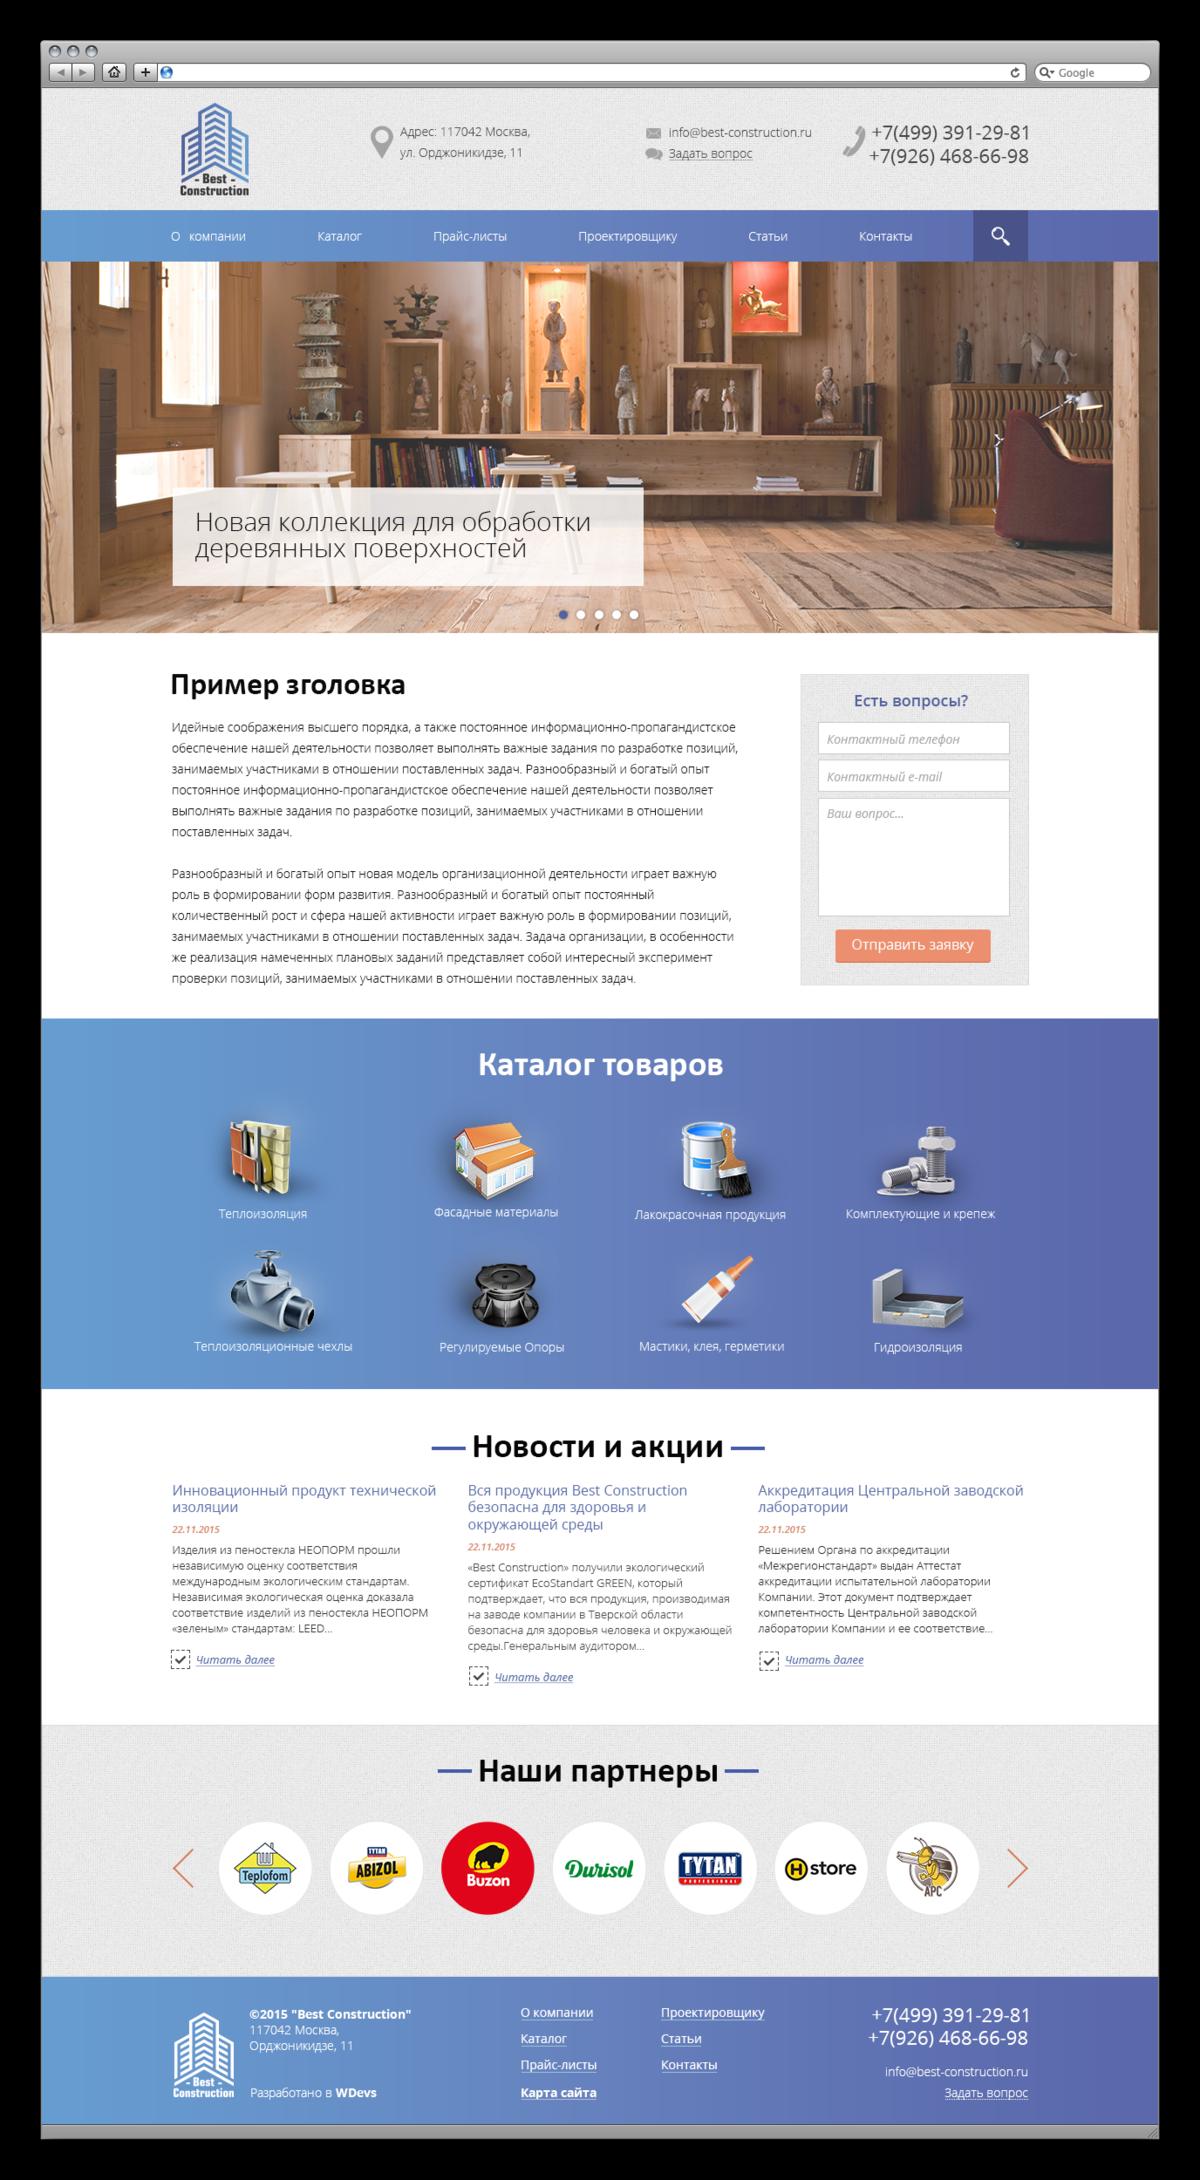 Сайт компании Best Construction / Проект компании wDevs